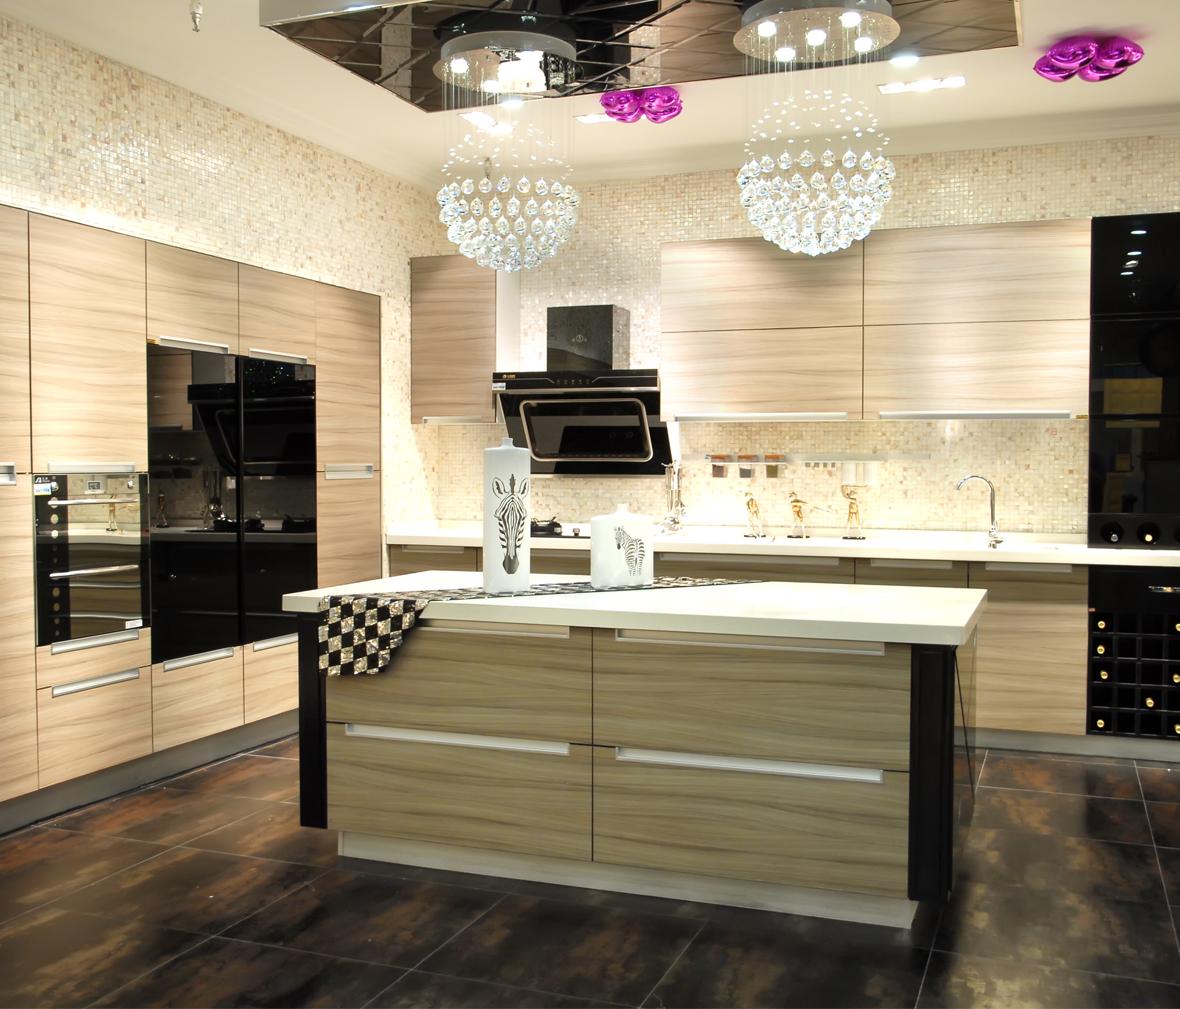 凯蒂莱整体厨房 圣罗莎 实木复合门板 白橡木材质 简欧风格  眼缘:0图片